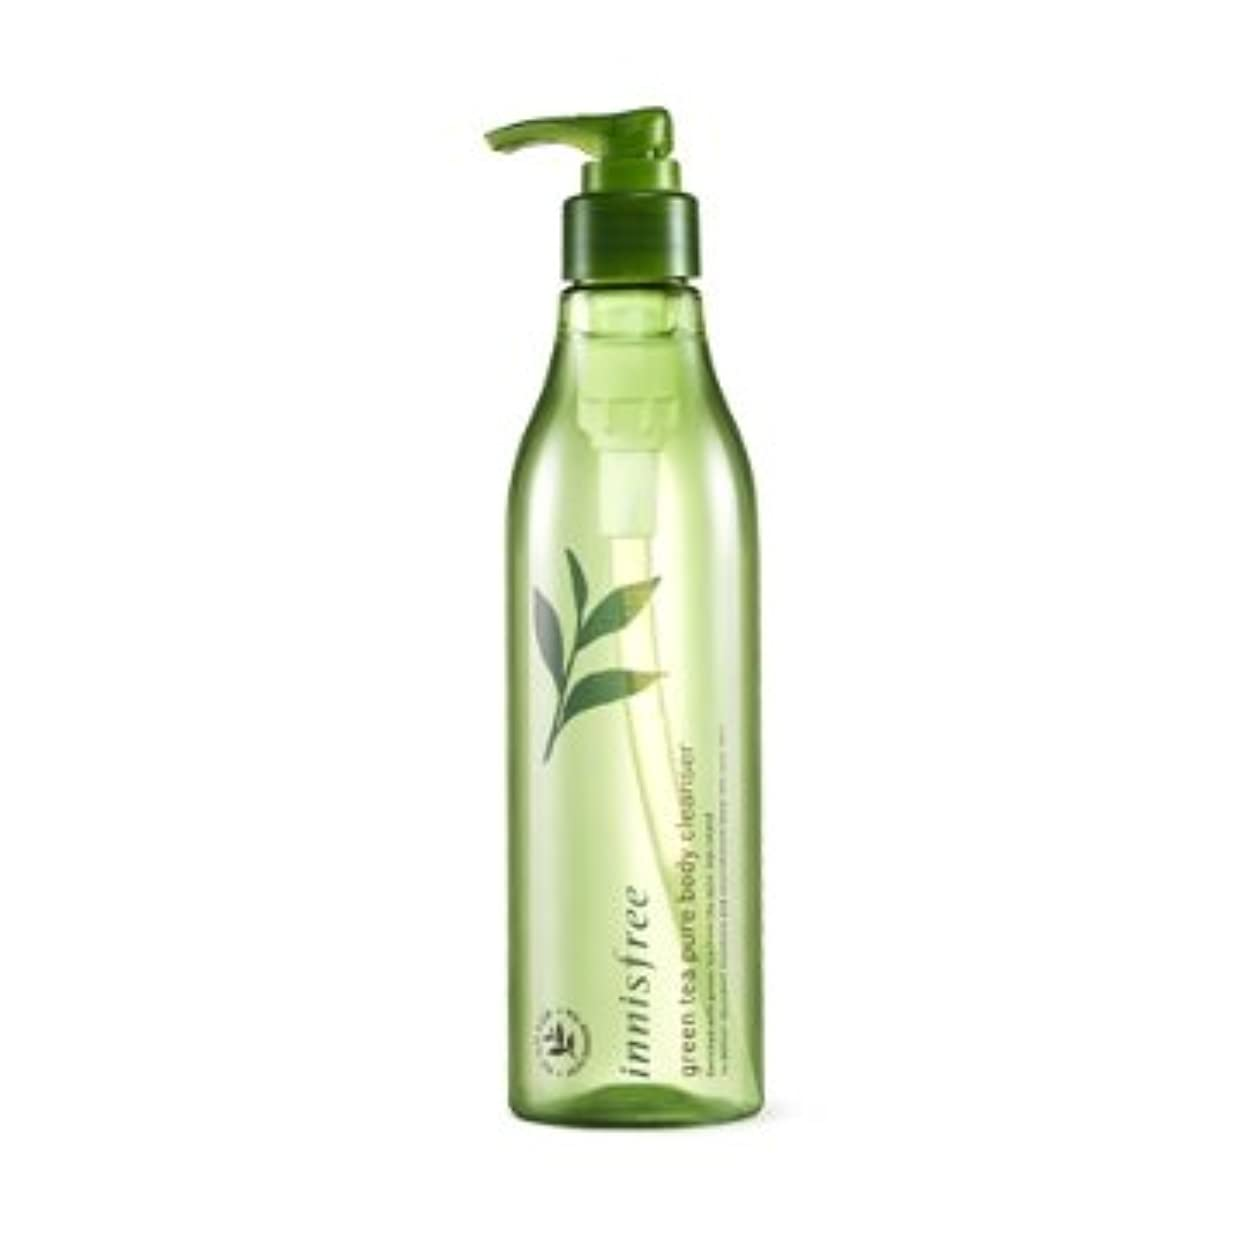 ビタミンワーカー債務者【イニスフリー】Innisfree green tea pure body cleanser - 300ml (韓国直送品) (SHOPPINGINSTAGRAM)